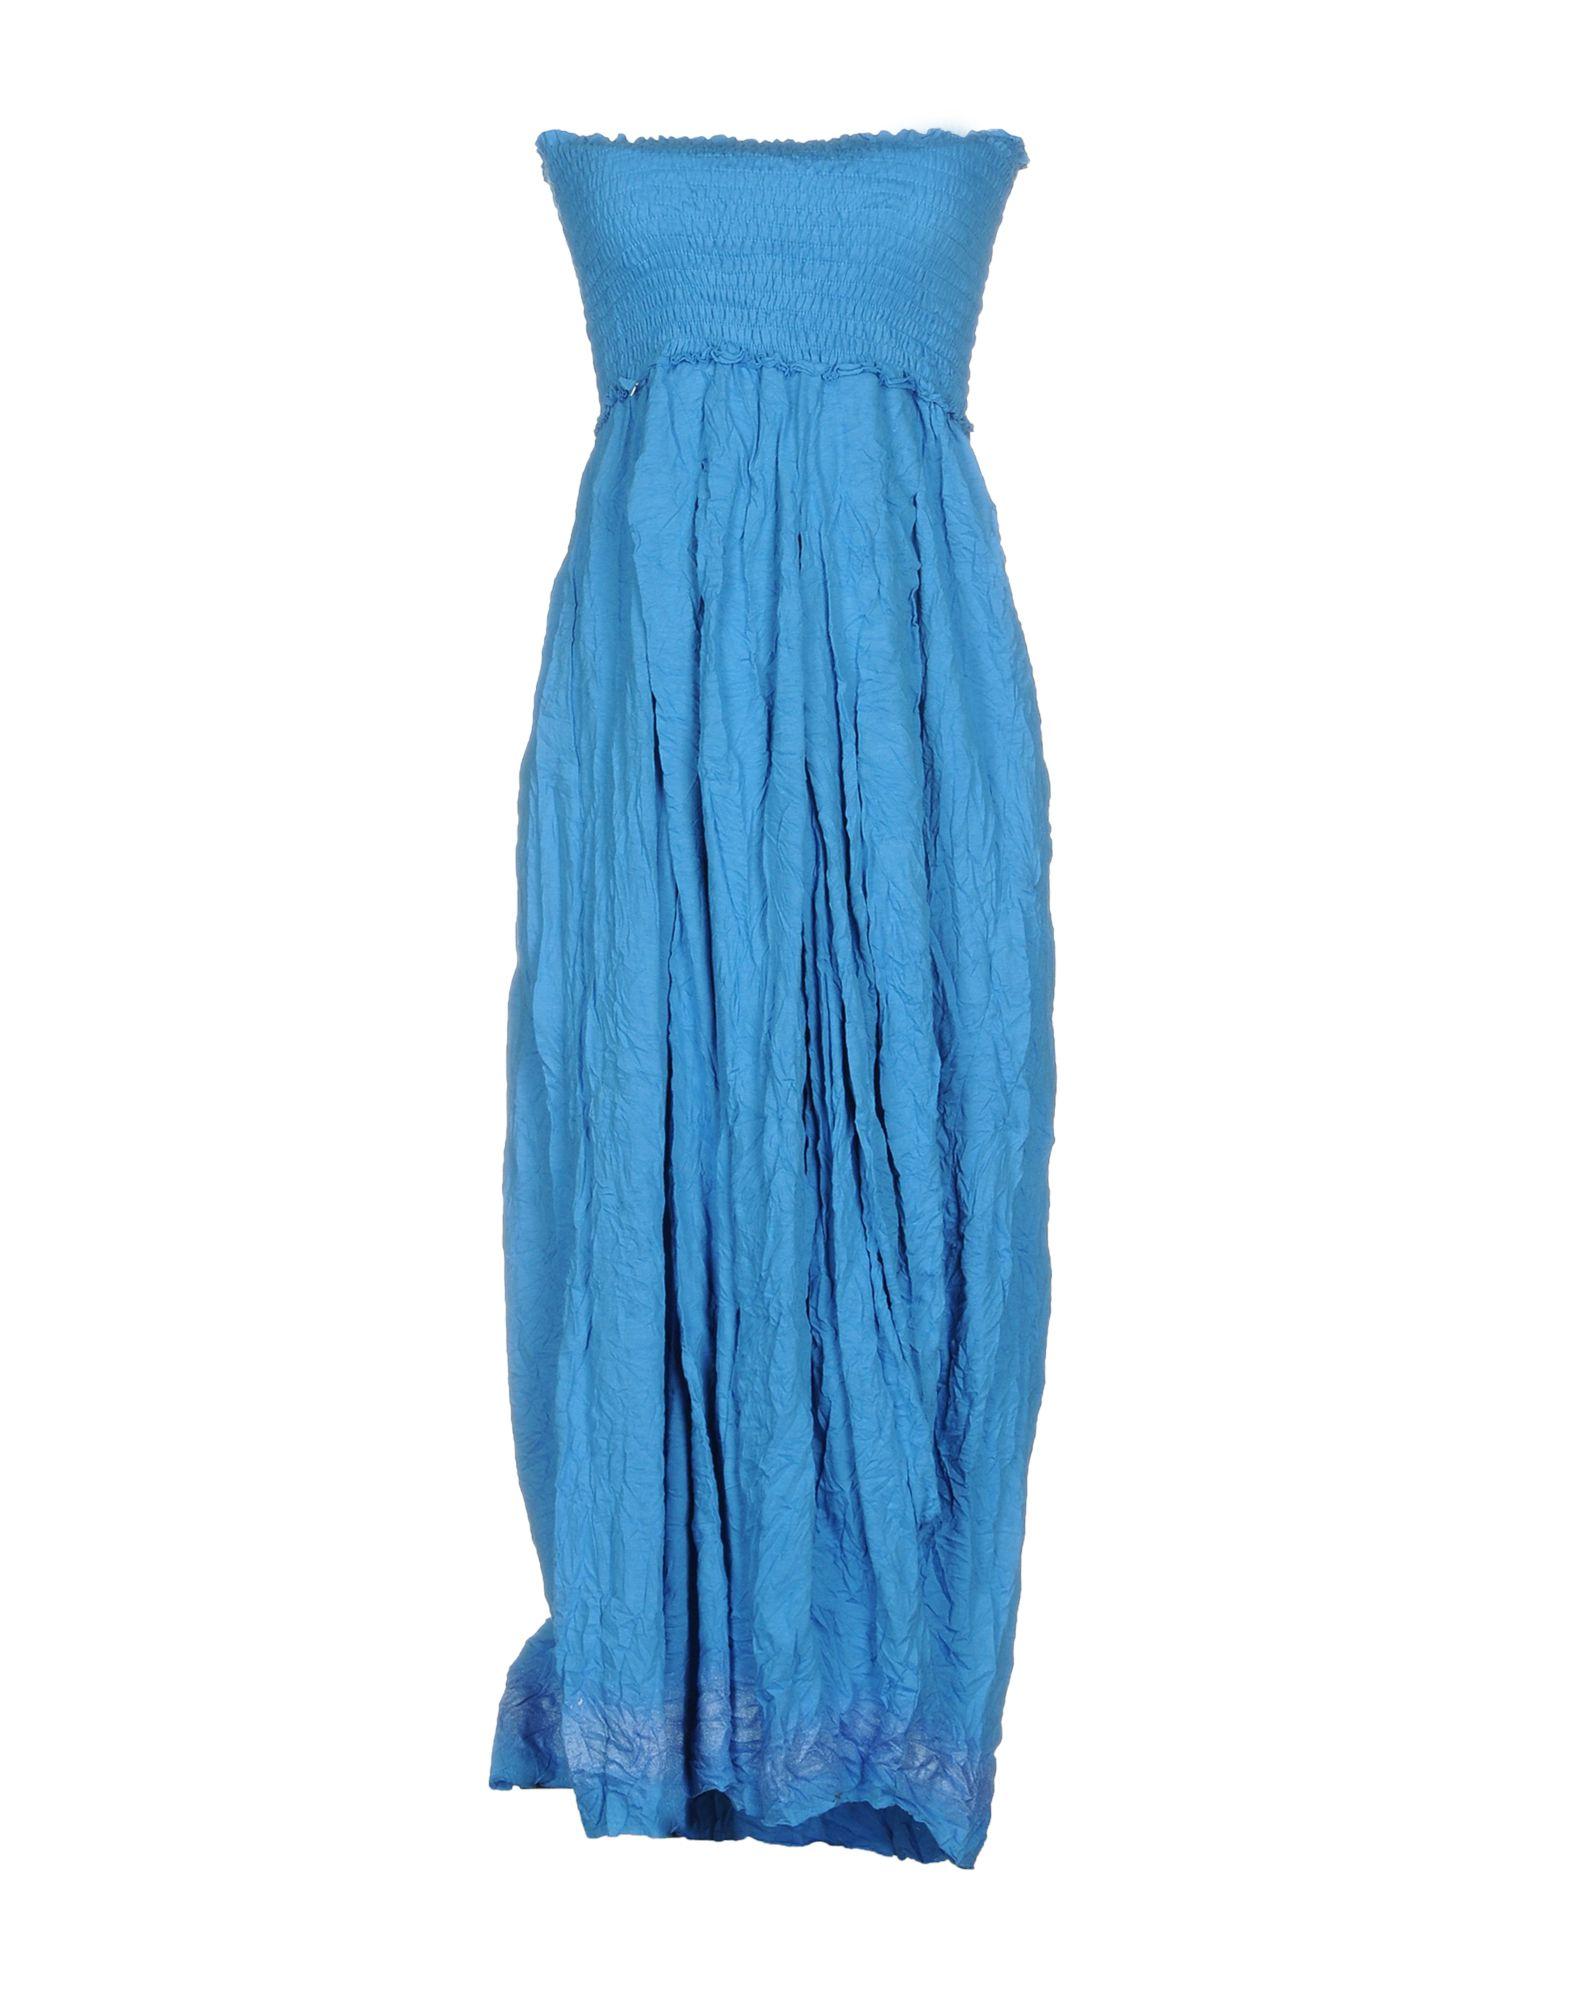 OBLIQUE CREATIONS Платье длиной 3/4 three creations 200pcs 7x5cm